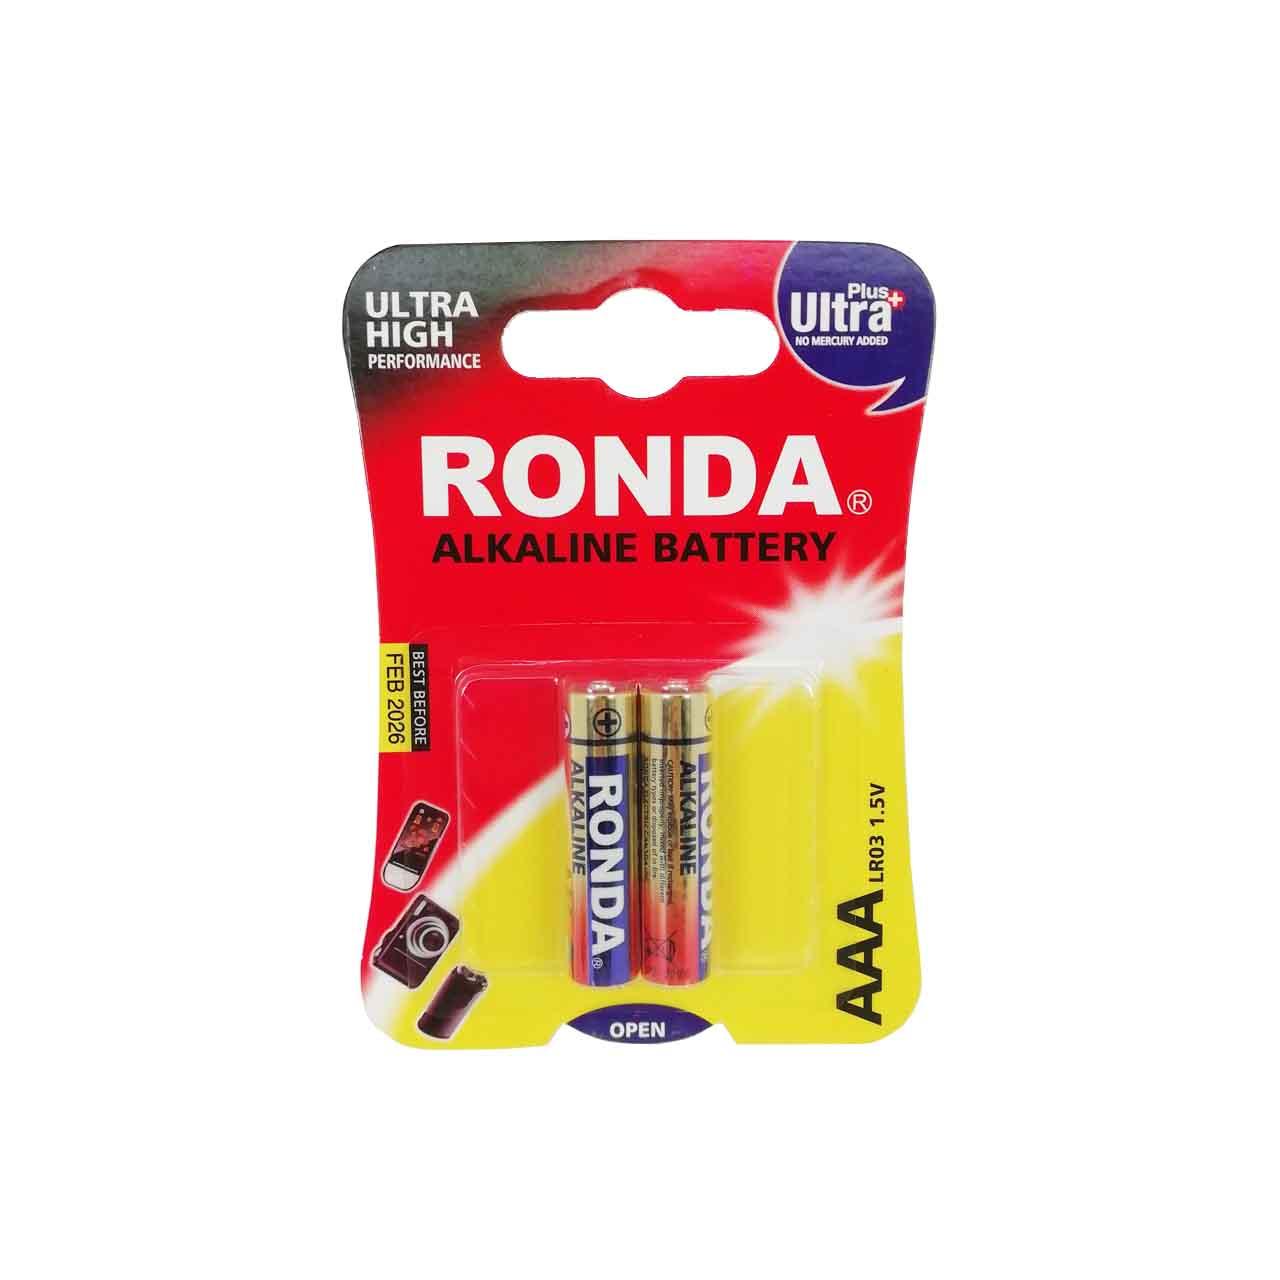 باطری نیم قلم روندا